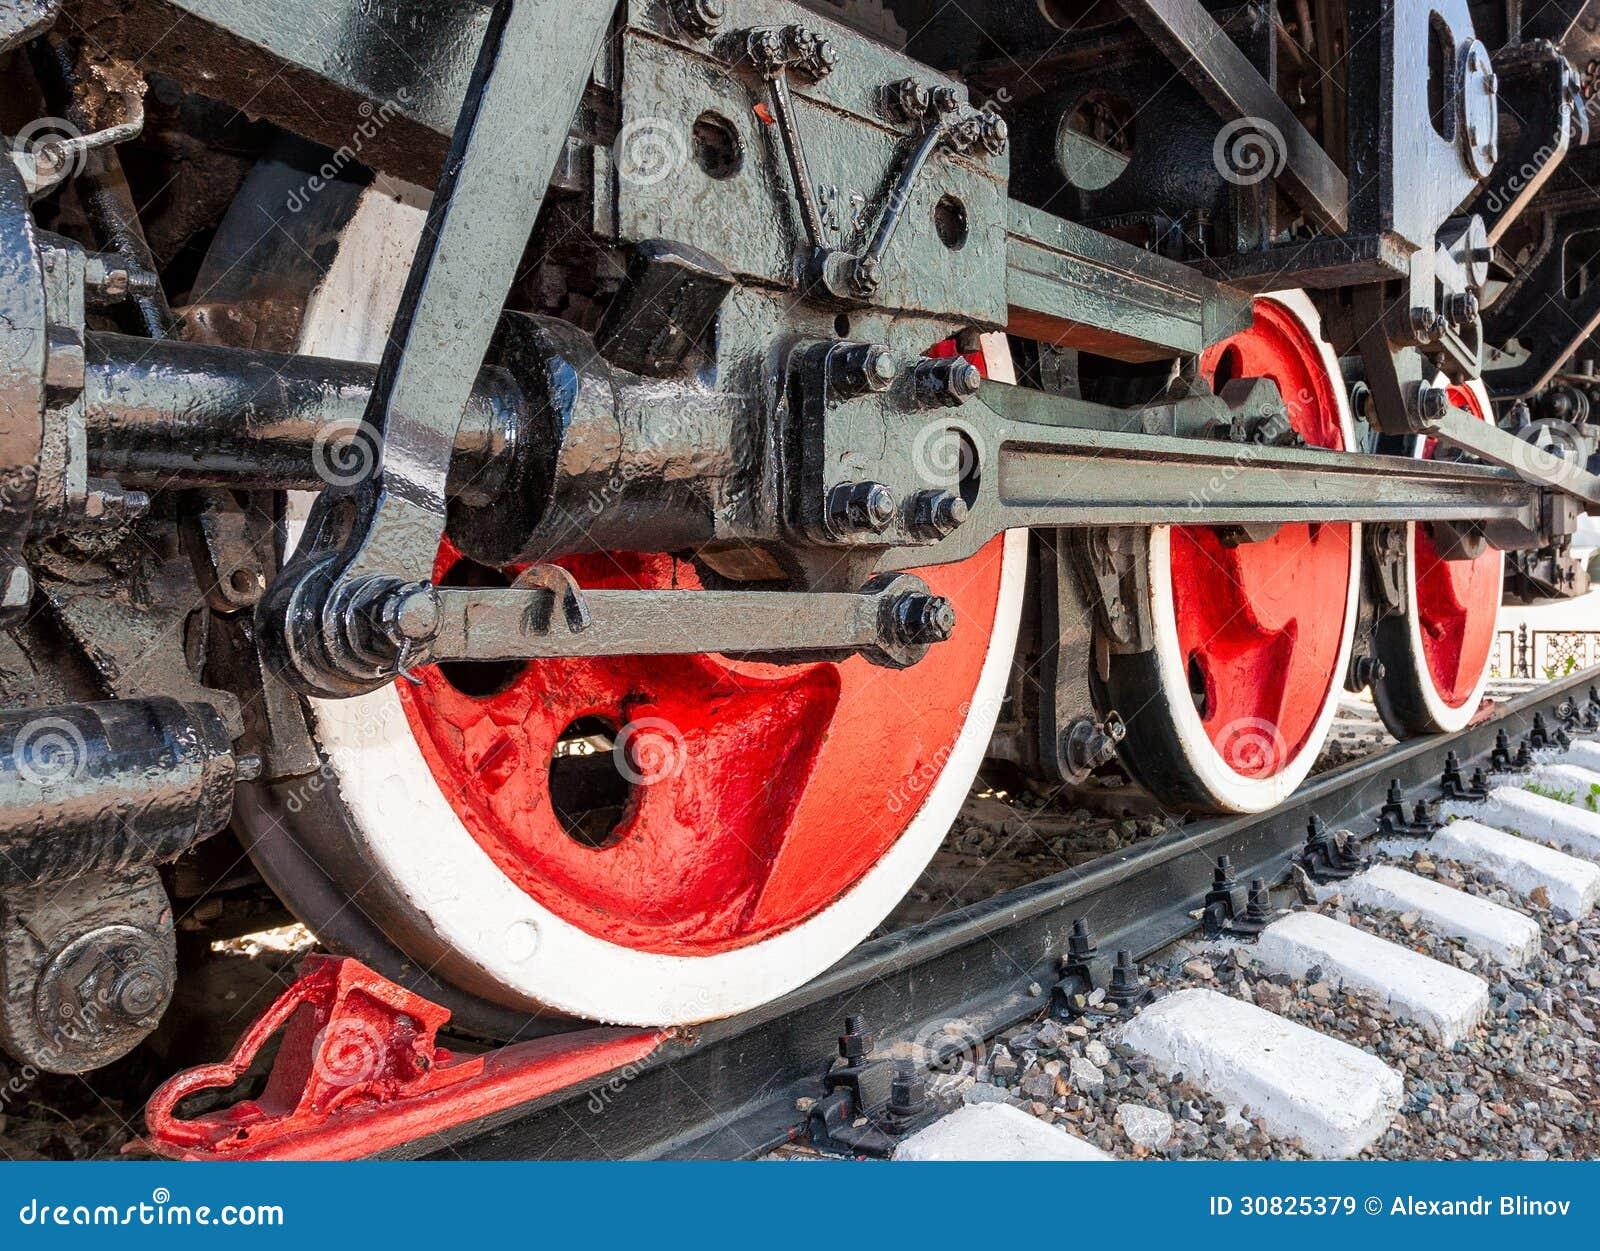 Vecchie ruote del motore della locomotiva a vapore